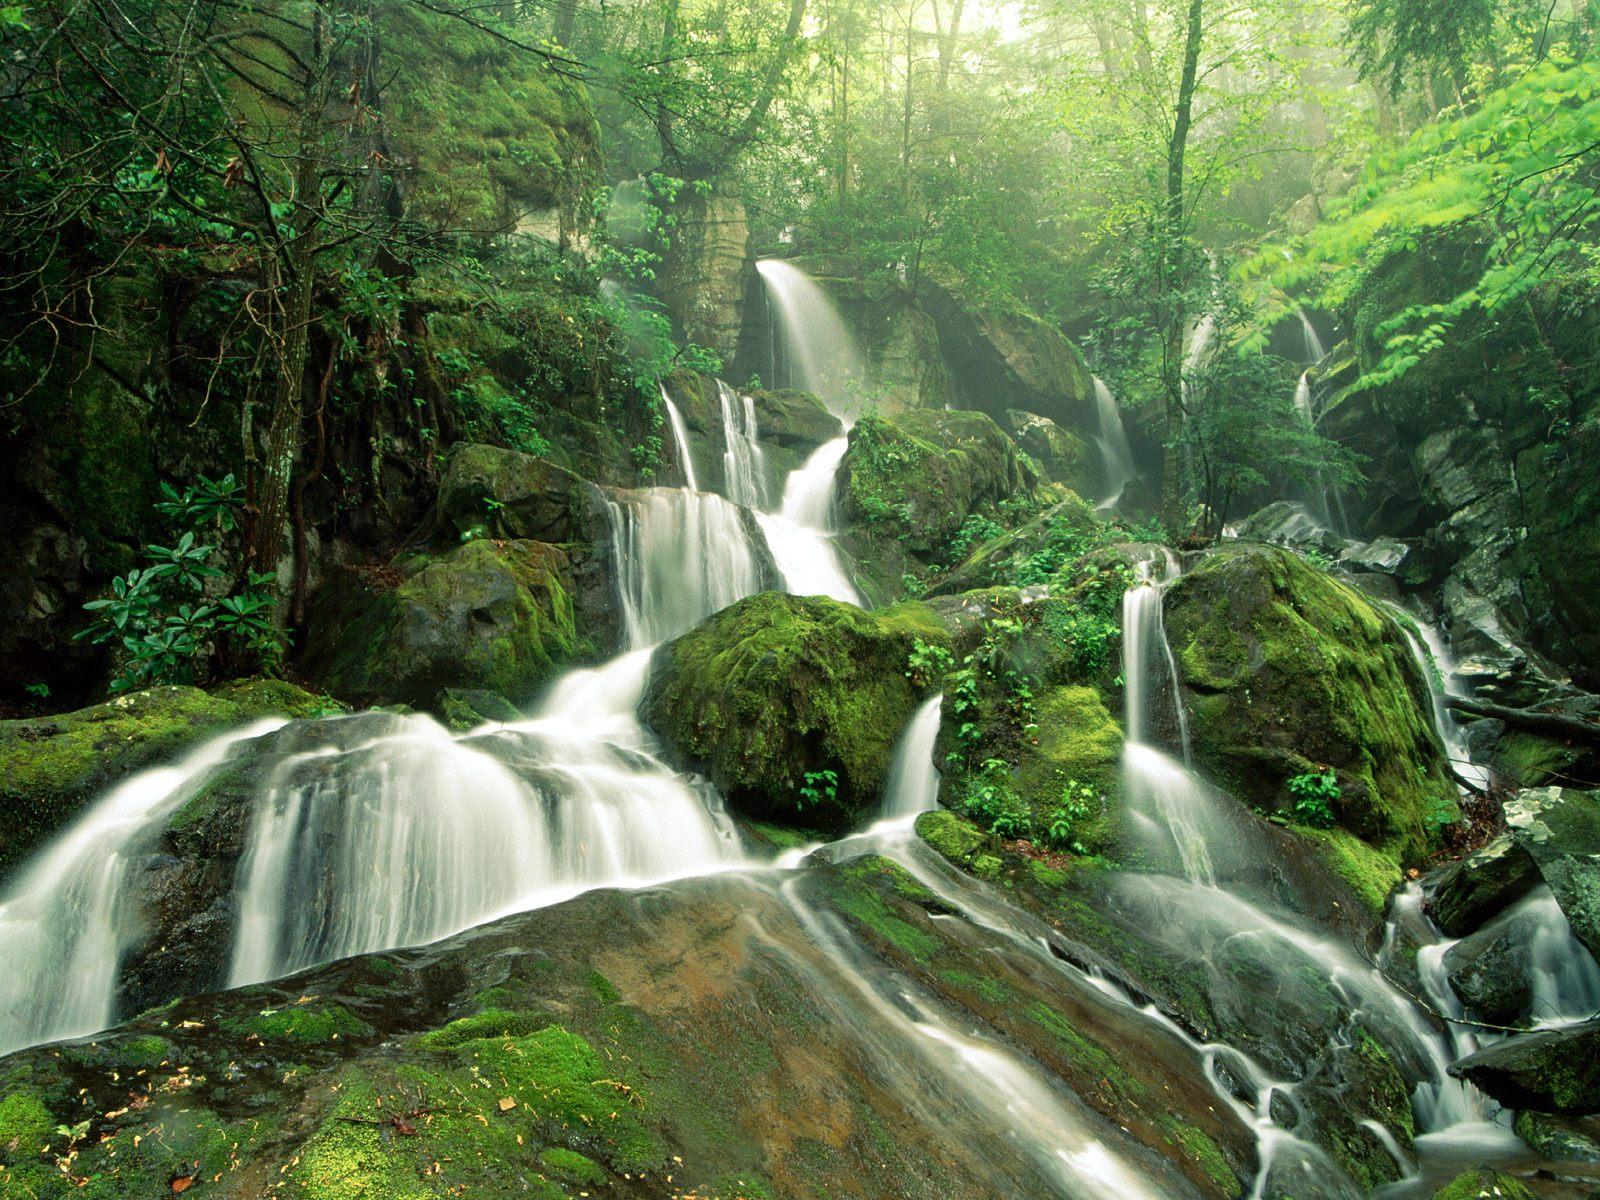 http://1.bp.blogspot.com/_JUKdqFK9L9k/TT0qi1SCvuI/AAAAAAAAAAQ/Zm6vhuVaalA/s1600/ForestFall.jpg